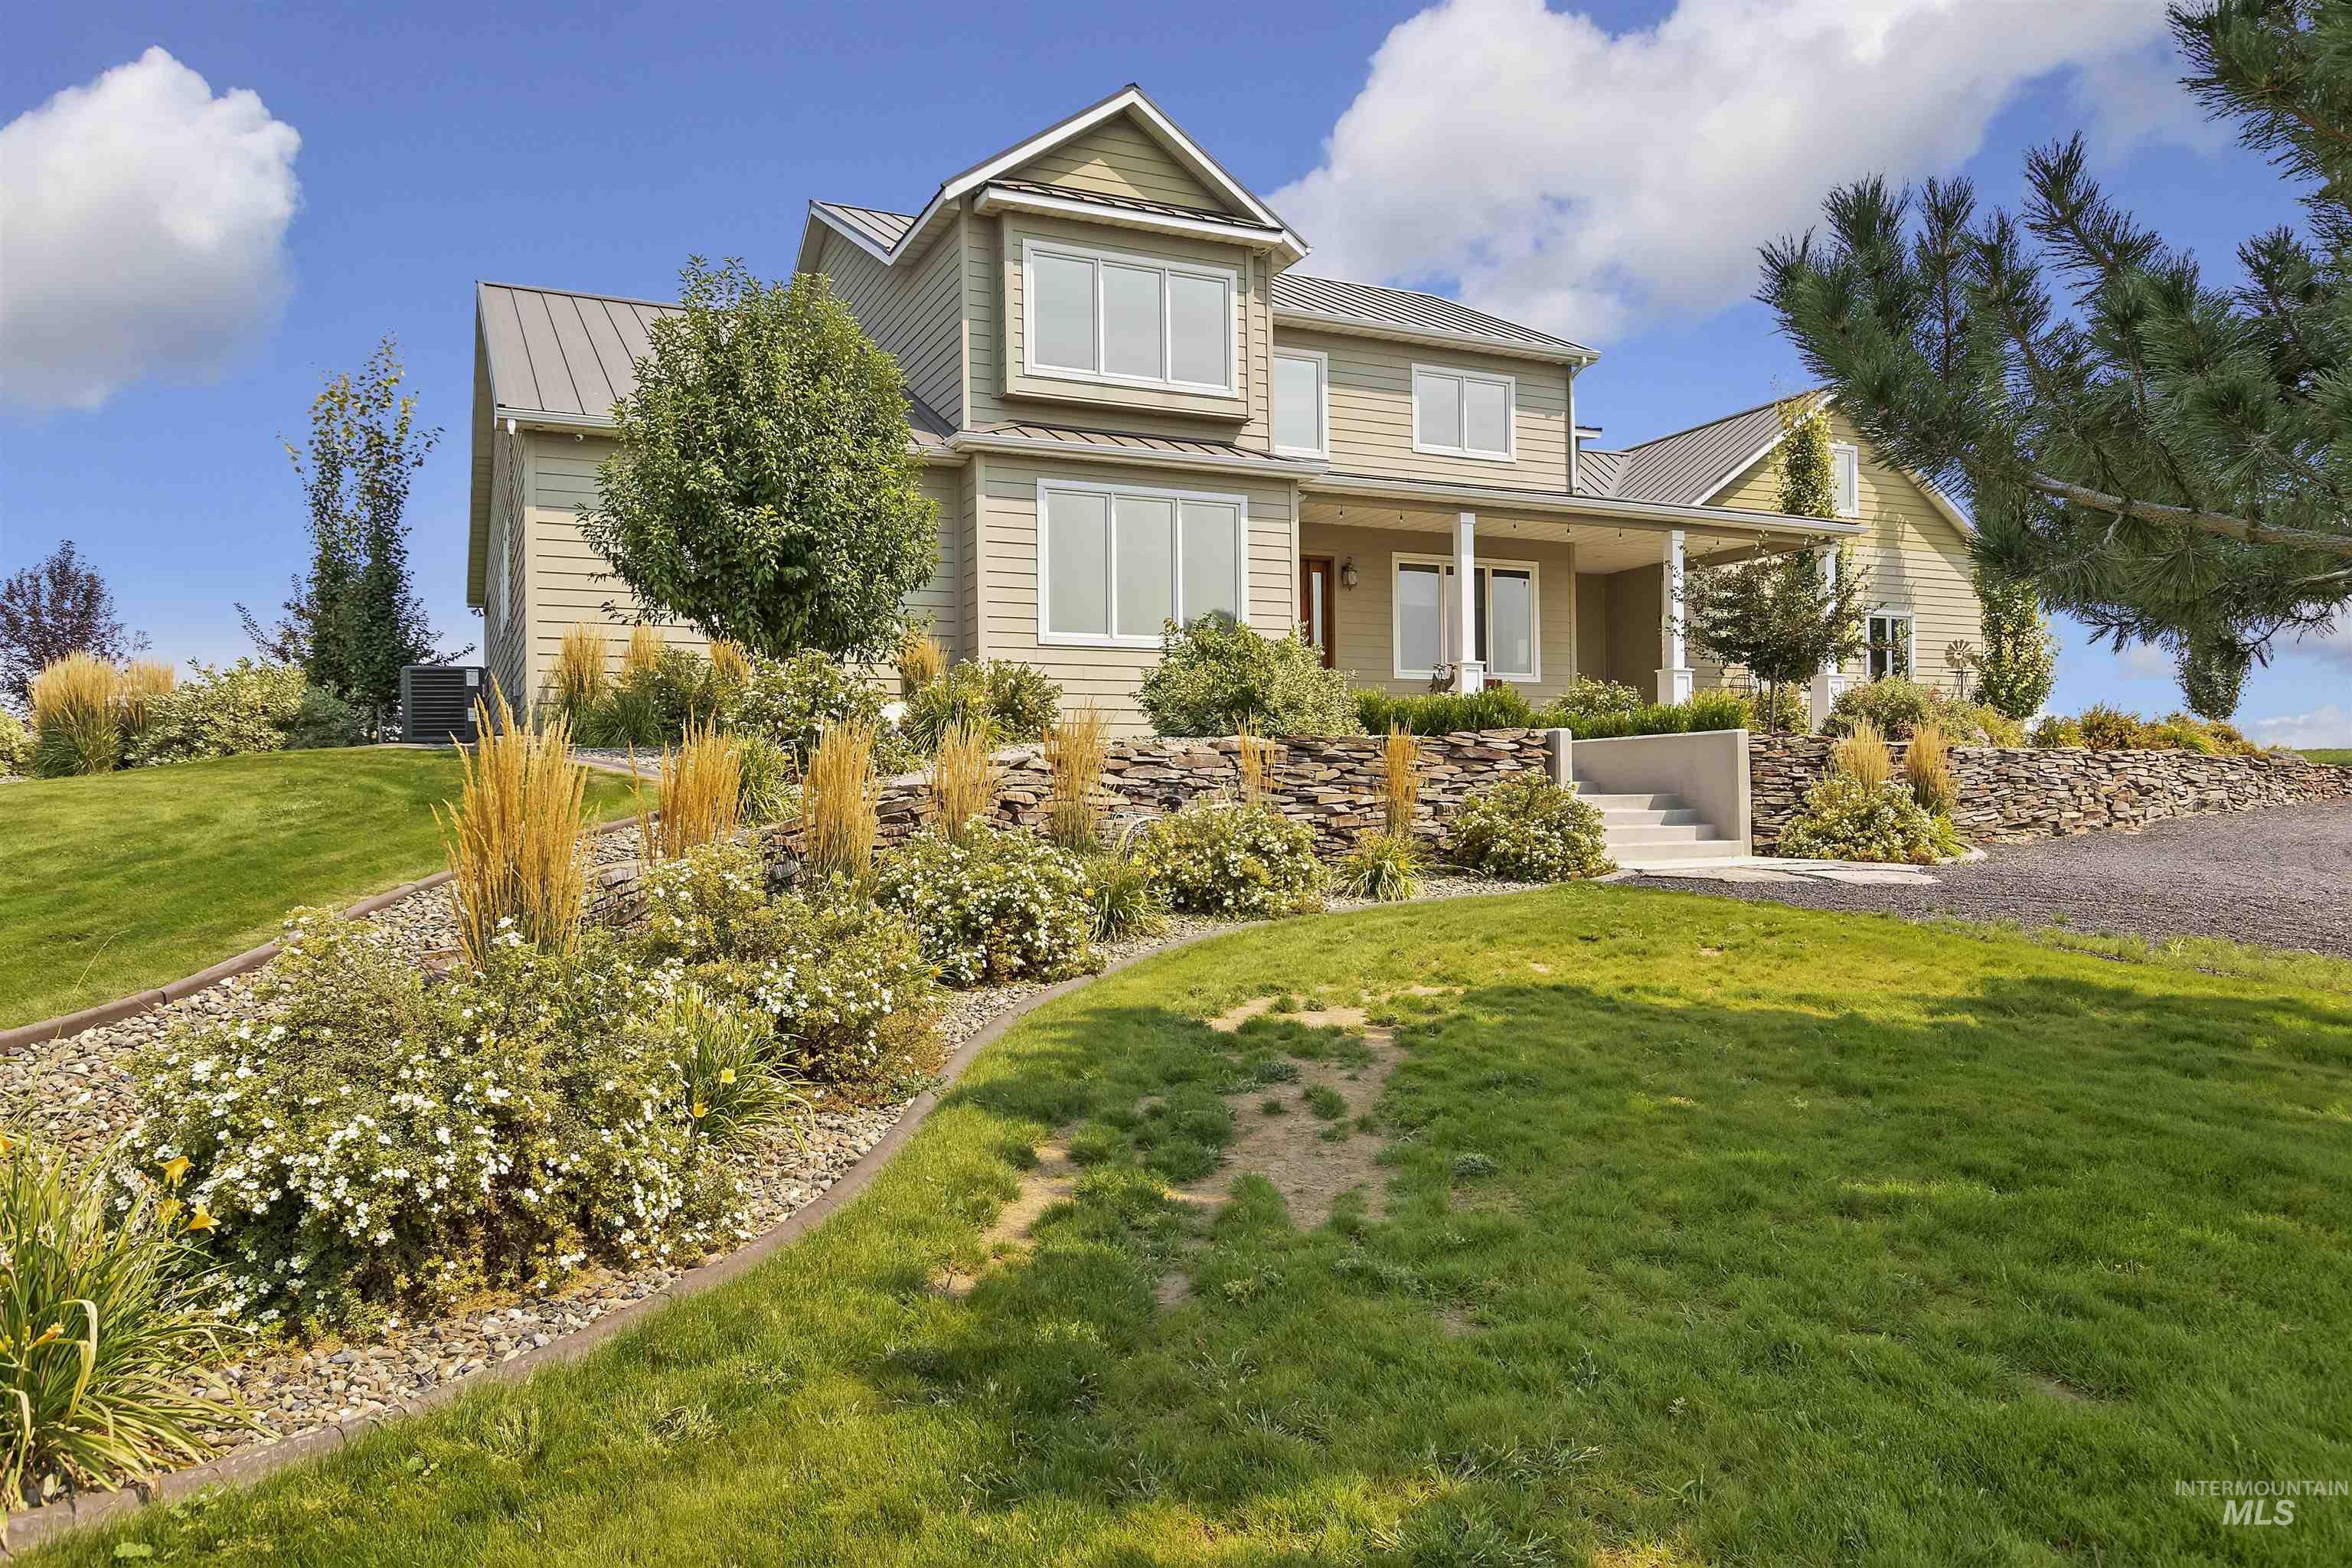 978 S 1200 E Property Photo 5